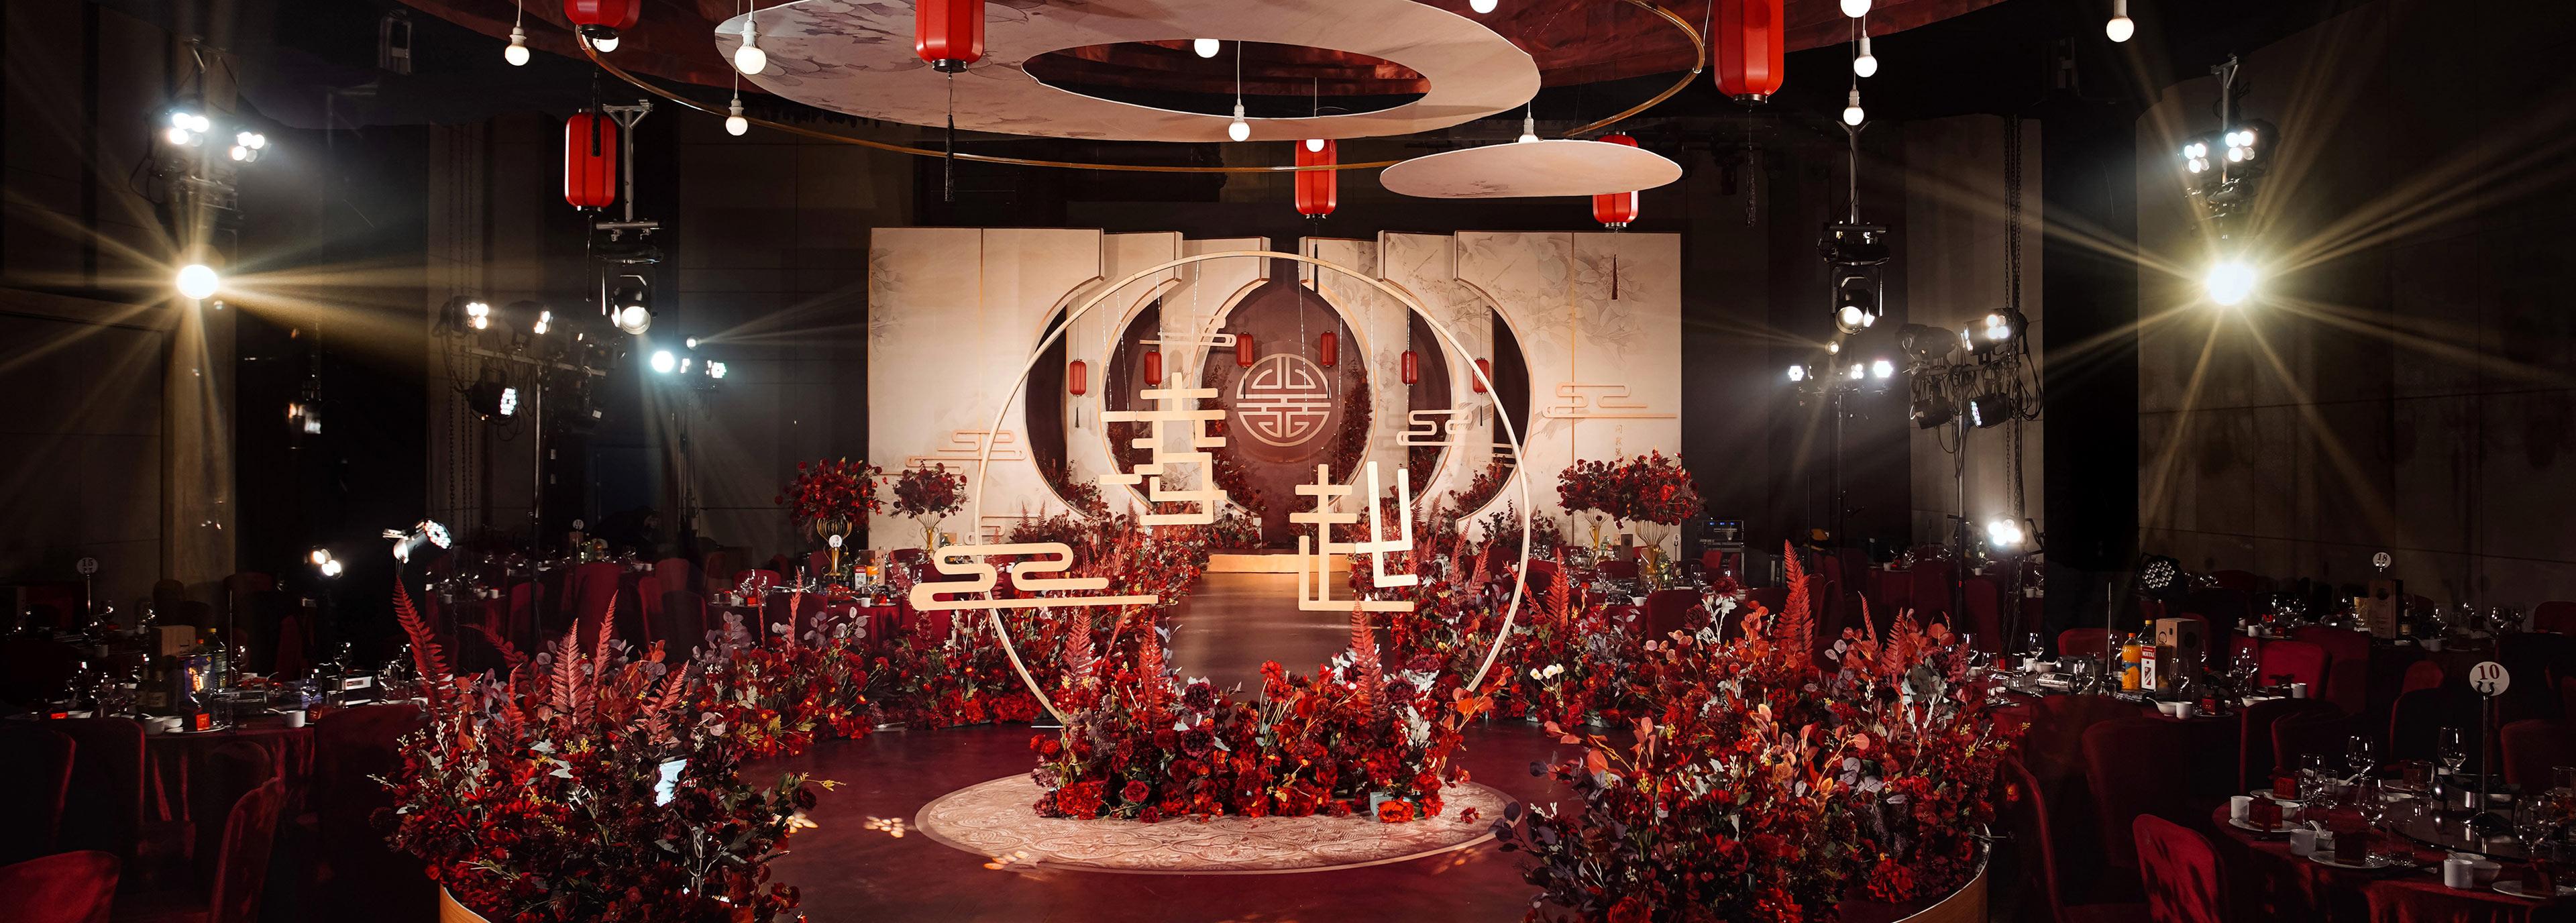 丰县婚庆策划案例:兰亭春序 | 湖南 长沙